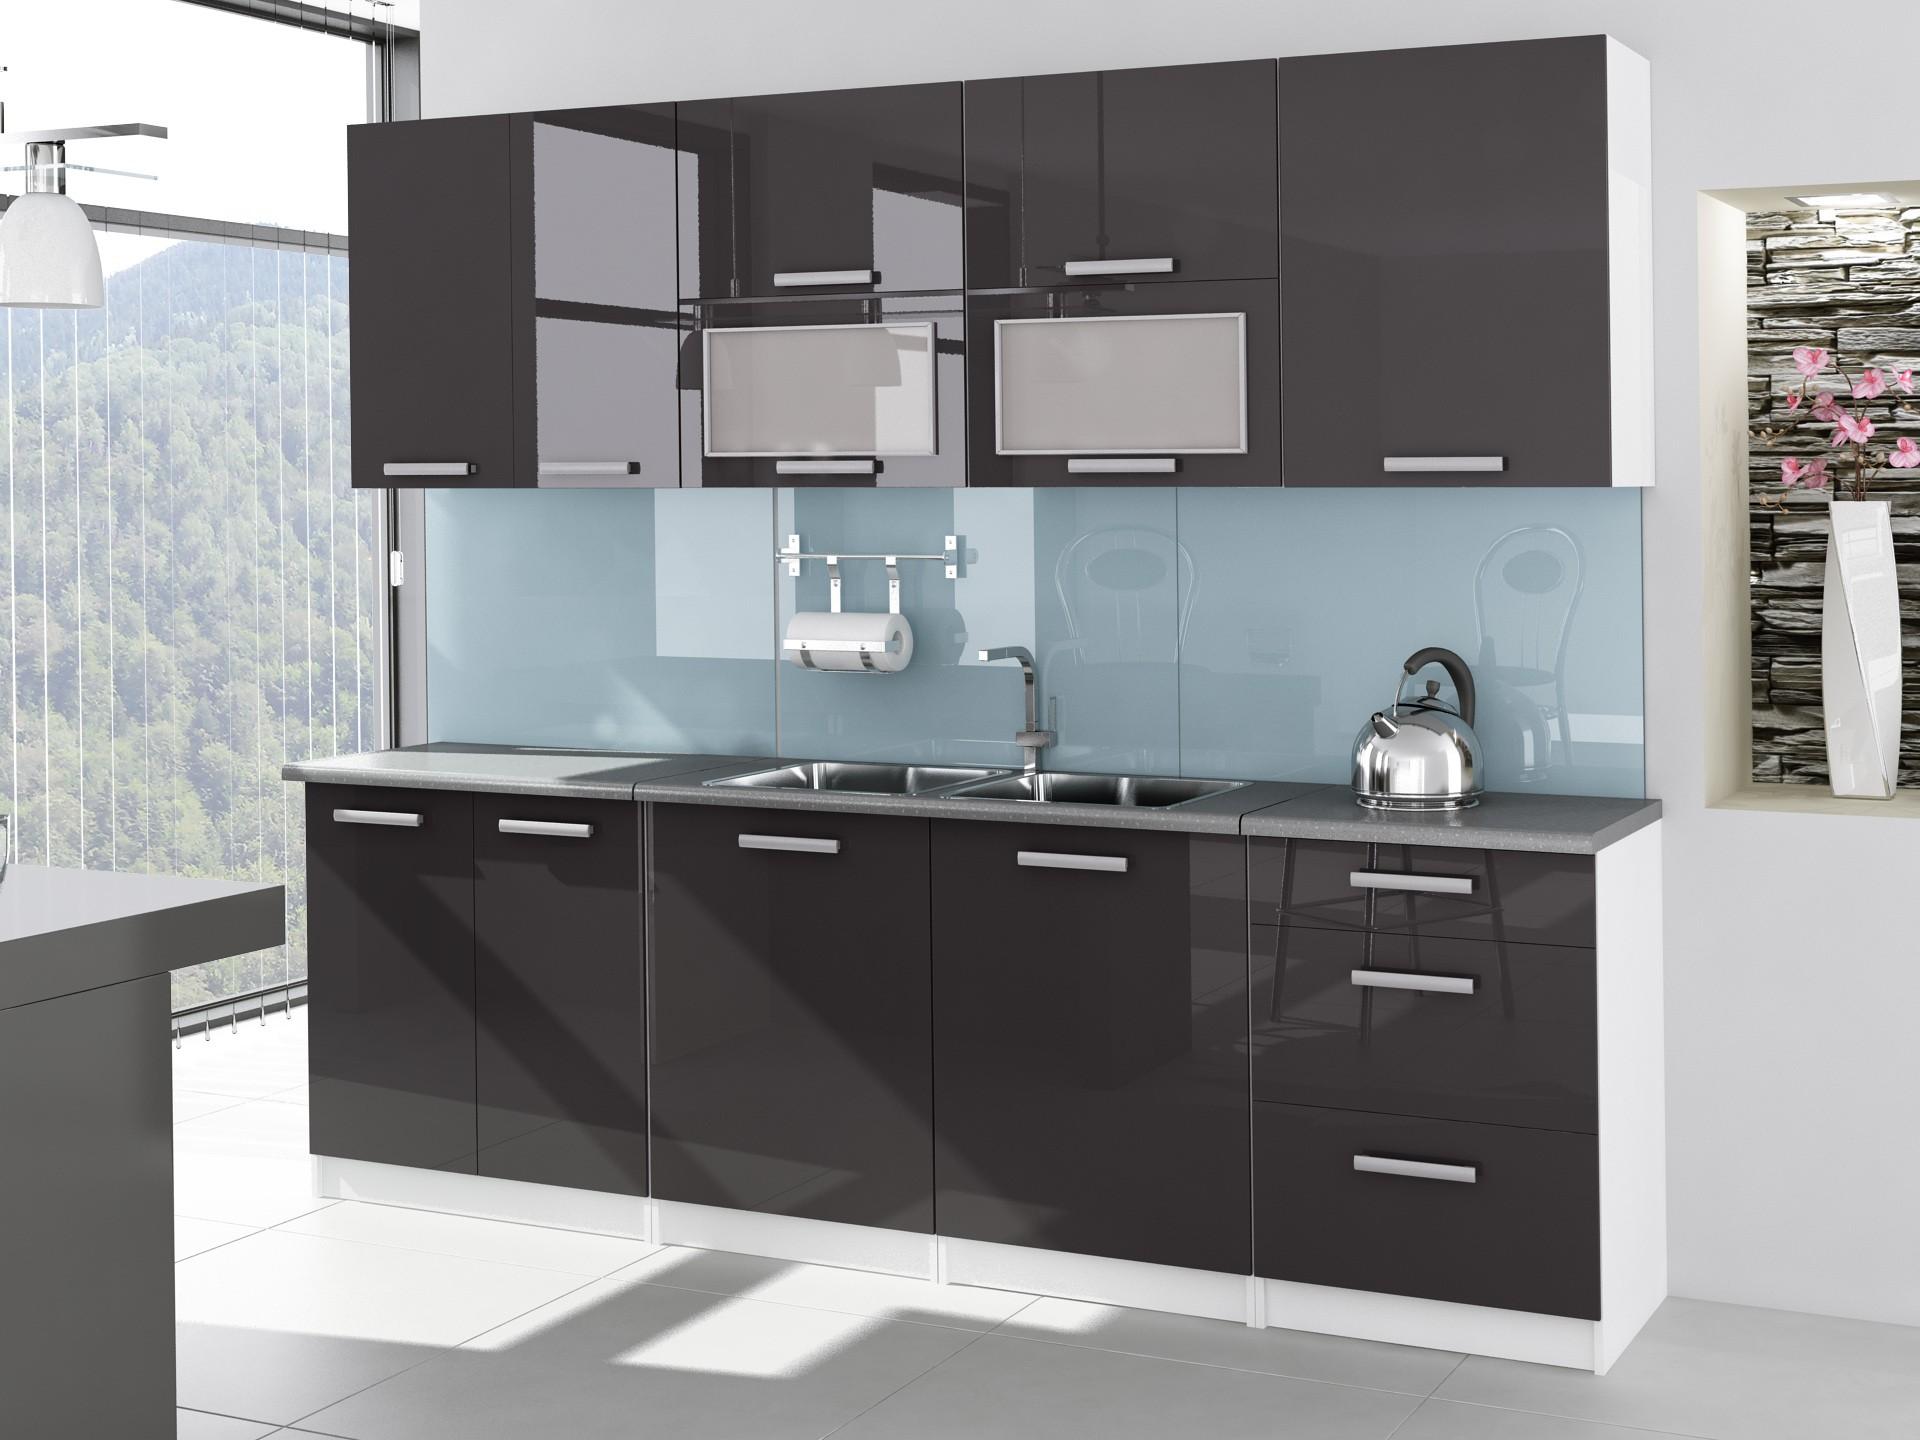 Cuisine Complete 2m60 Laquee Grise Tara Design Moderne